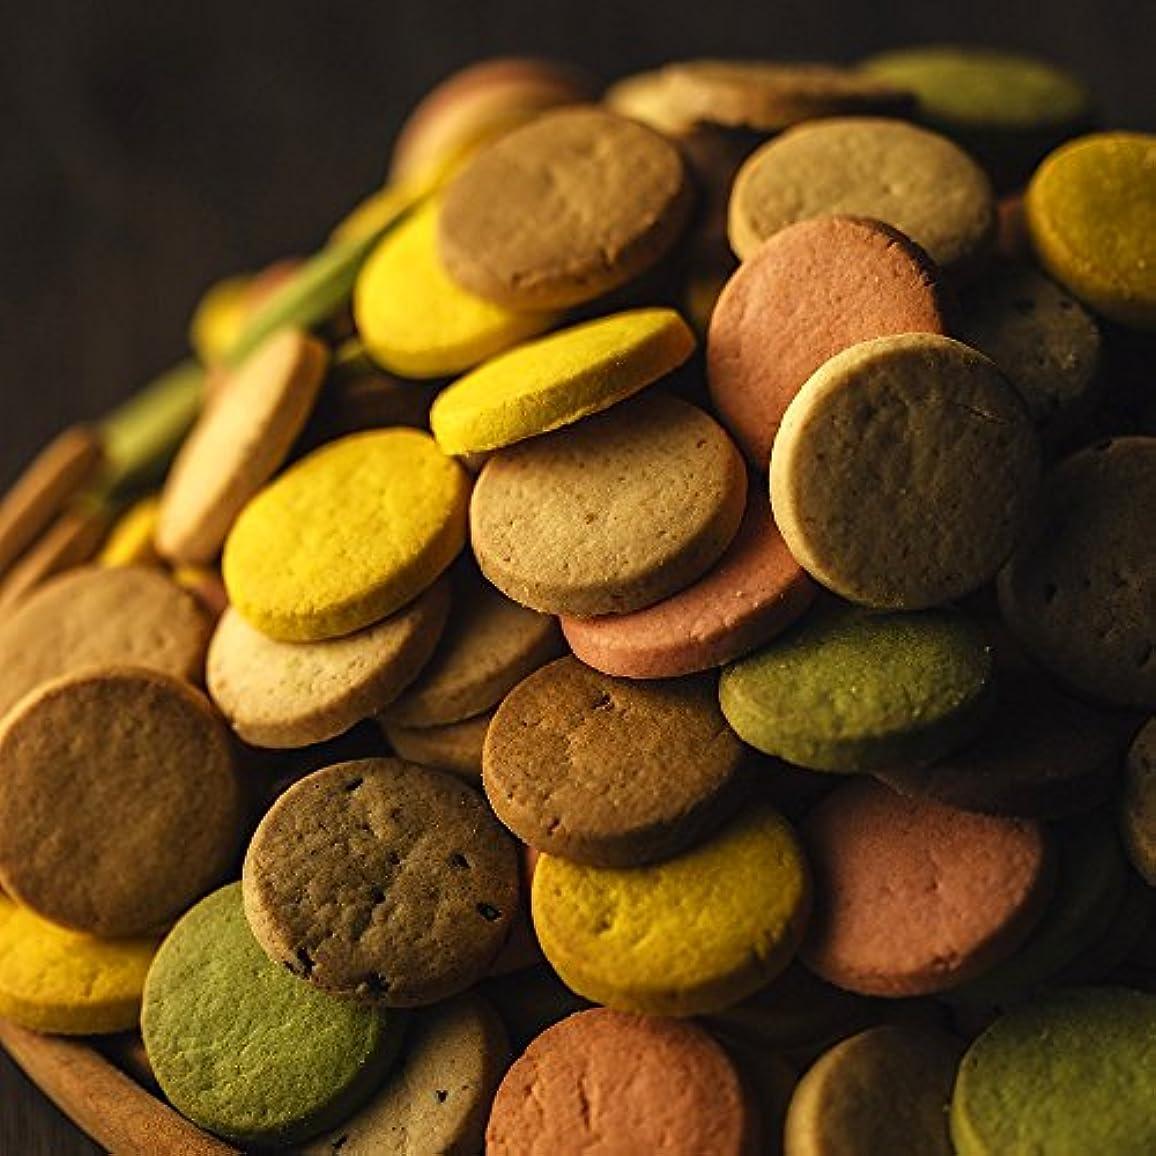 びん伝染性雨の豆乳おからクッキー蒟蒻マンナン入り 2kg